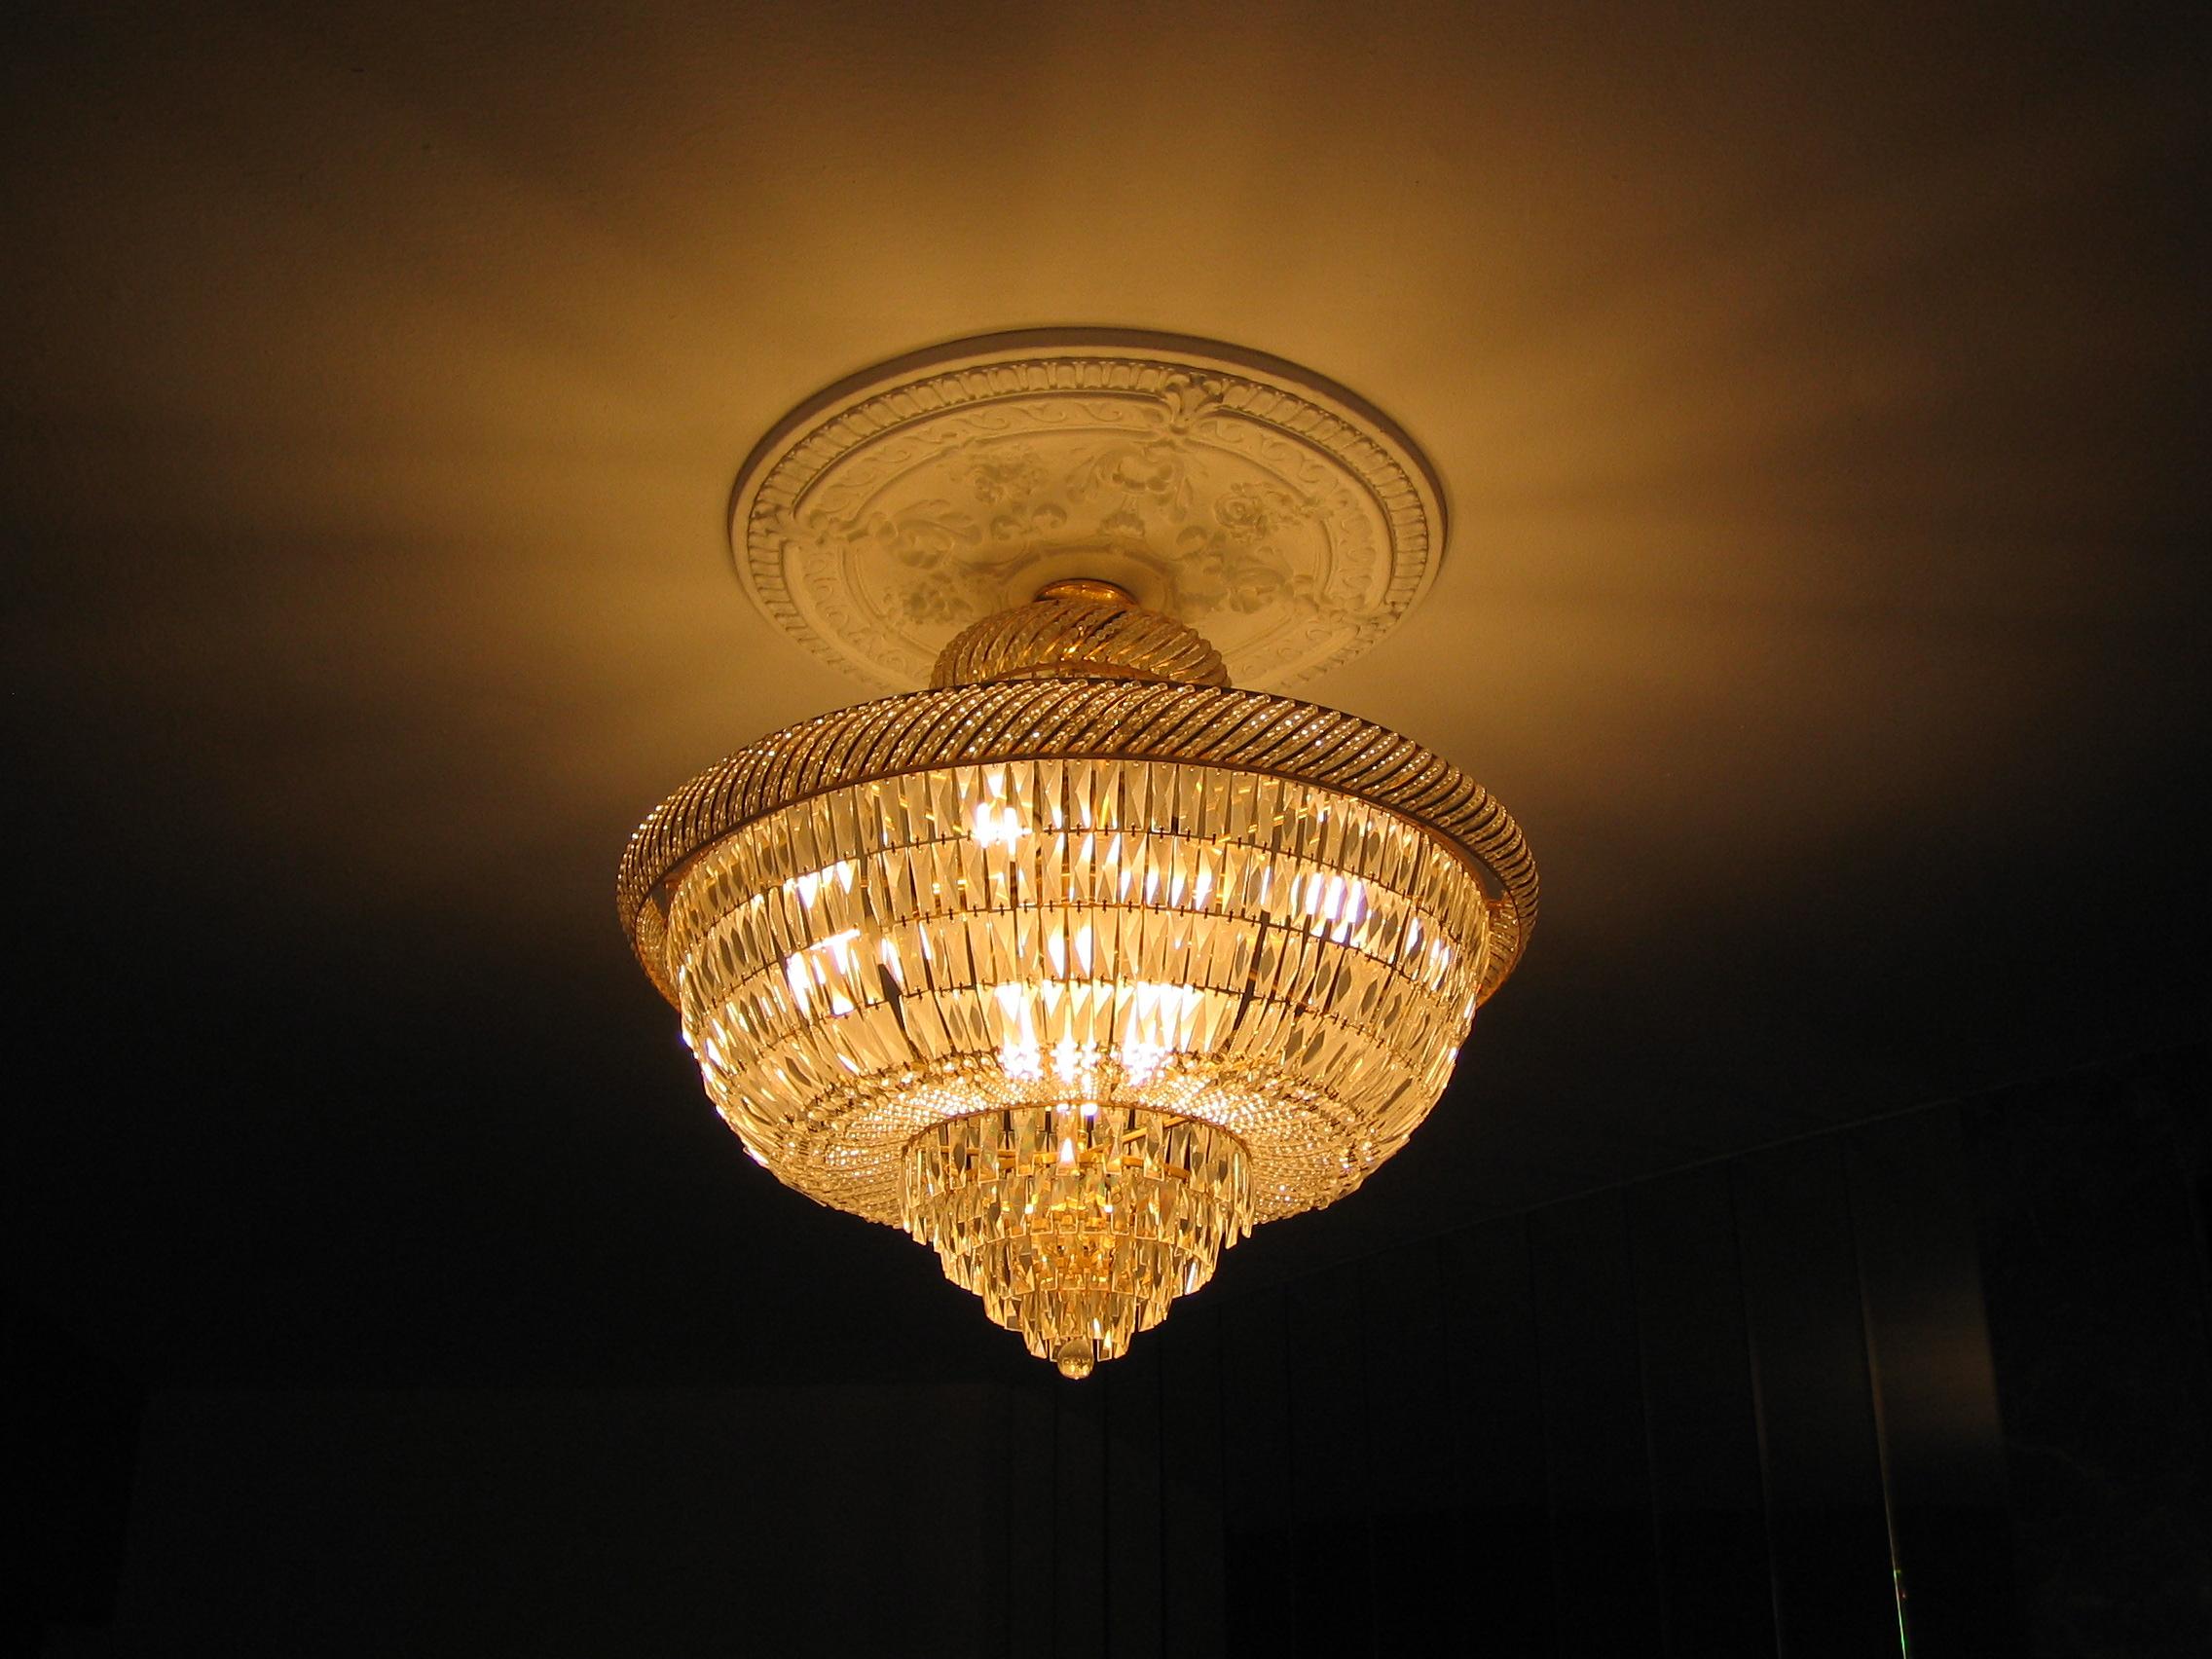 Camila y tamara evolucion de la lampara a traves del tiempo - Casa de las lamparas ...